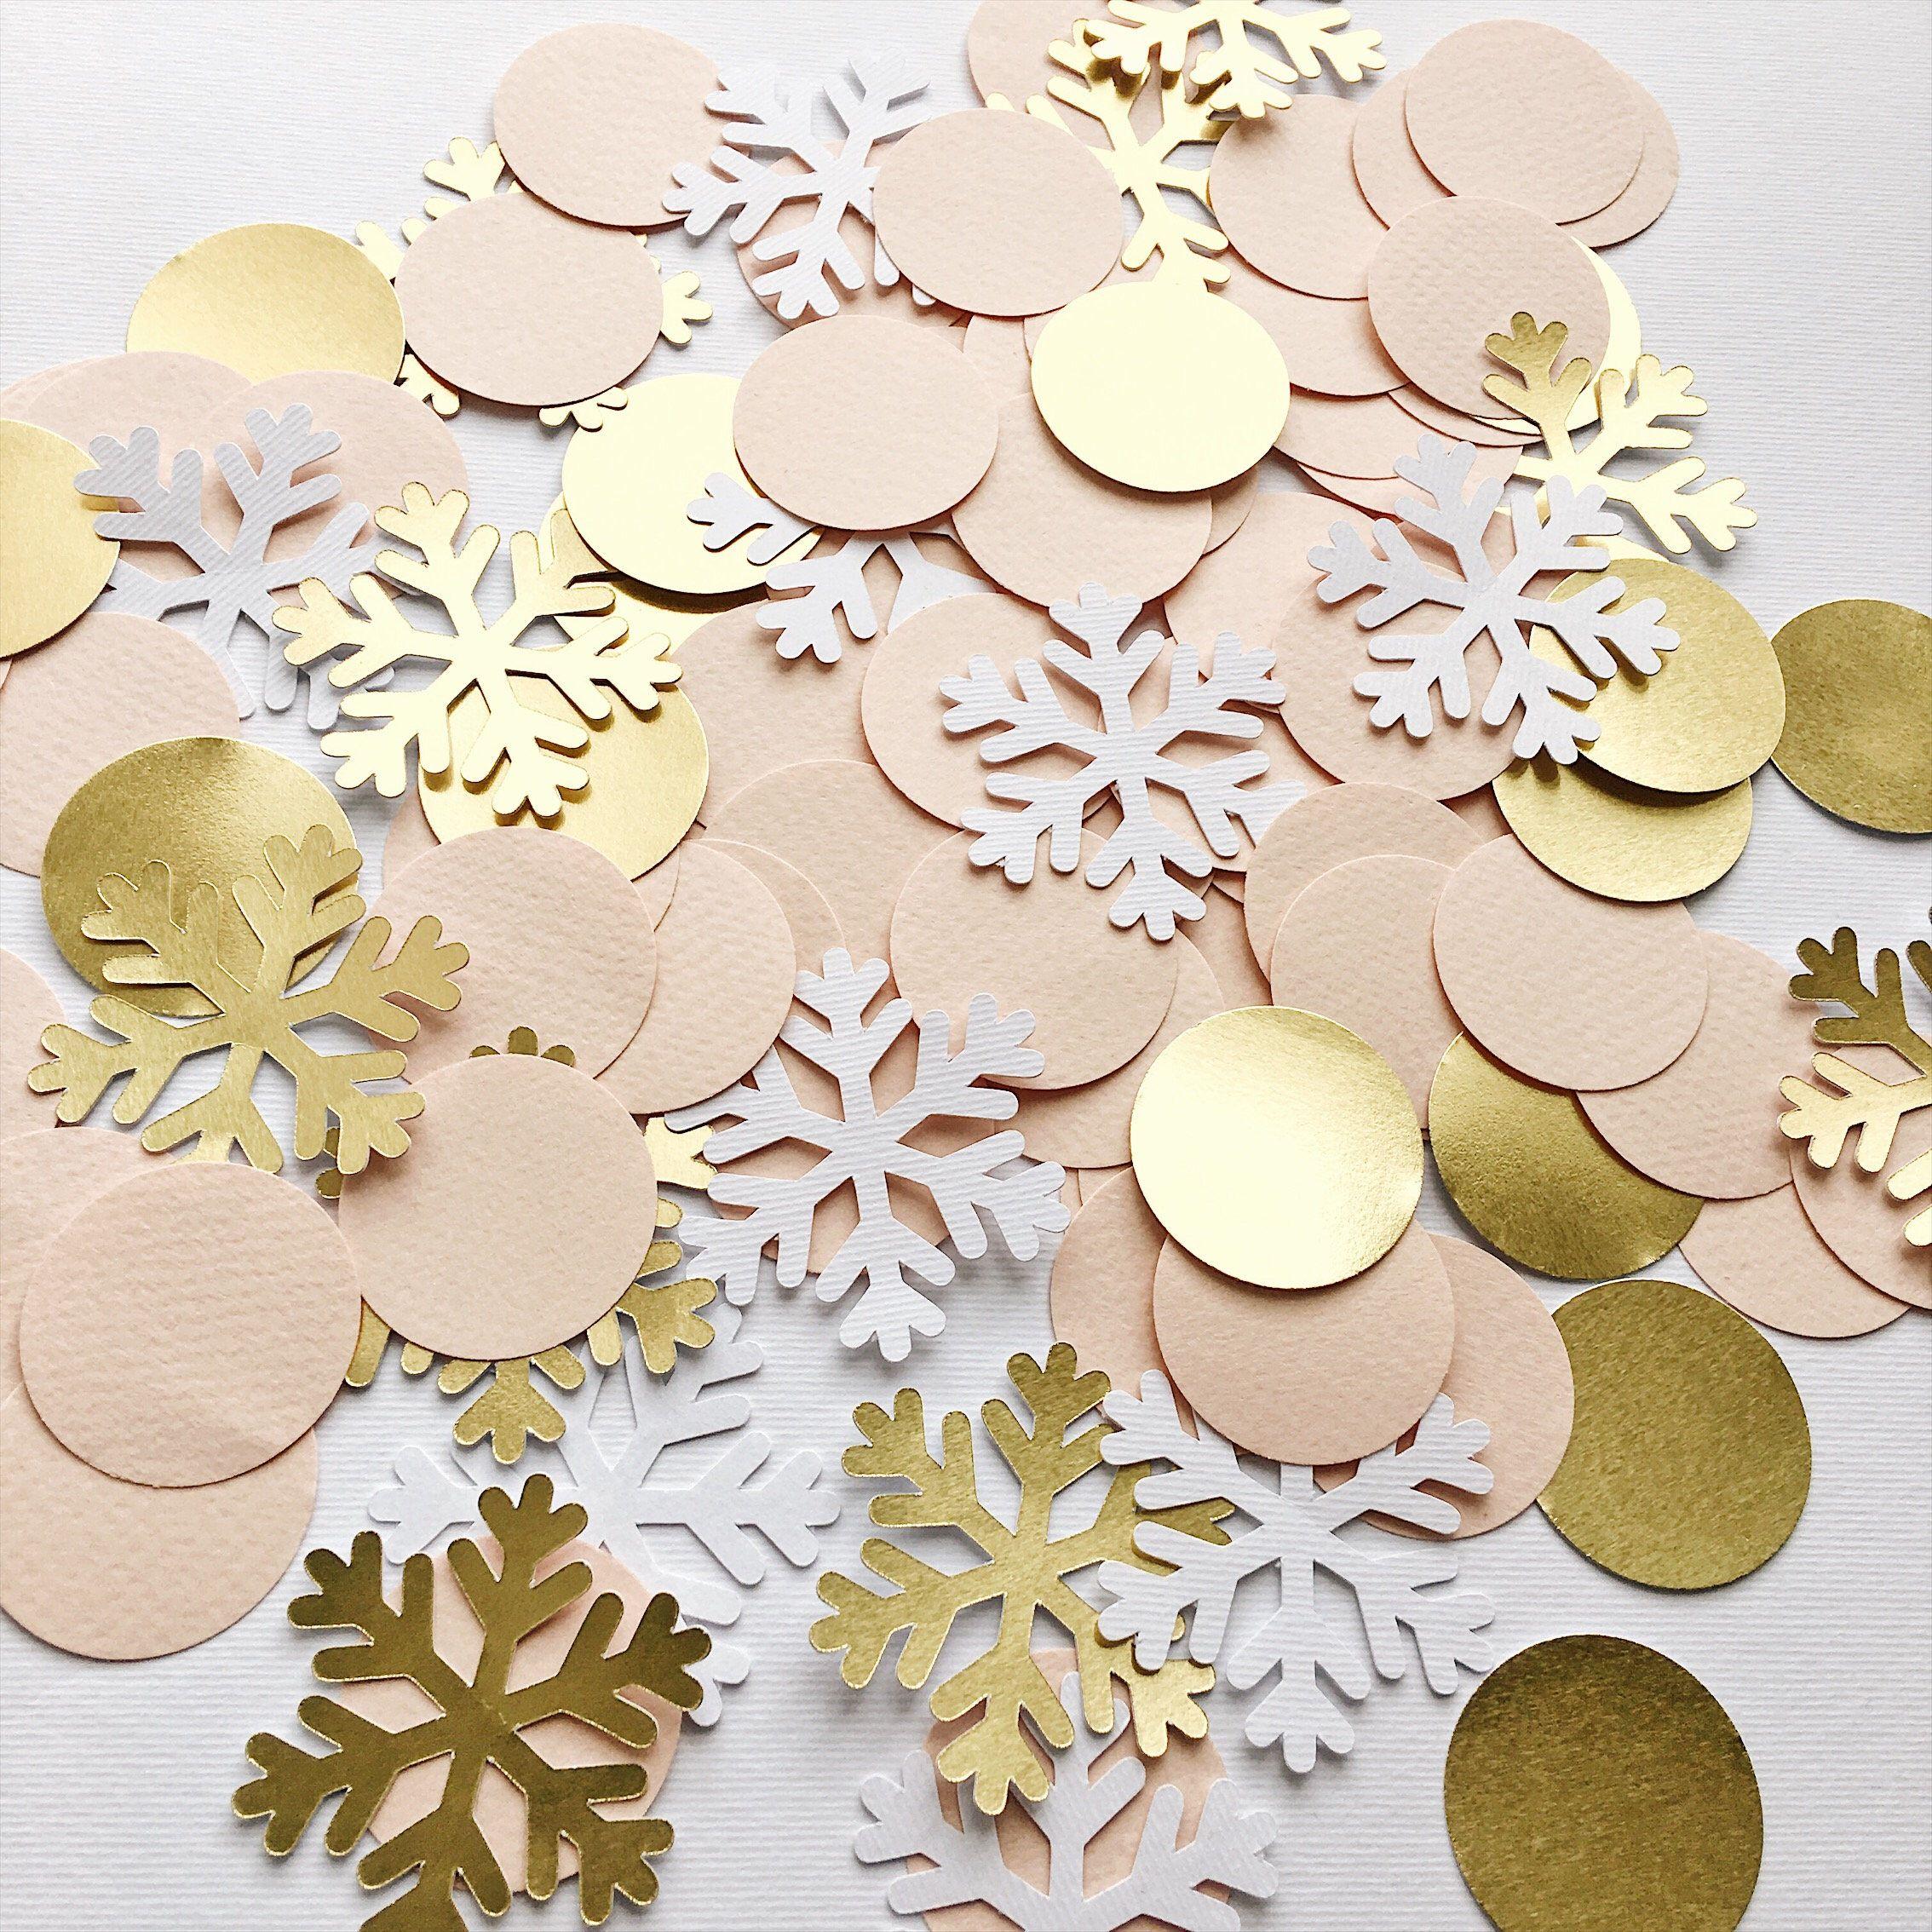 Christmas Confetti Winter Wonderland Confetti.Holiday Party Decor.Birthday Party Decor.Christmas Party Decorations, Holiday Paper Confetti